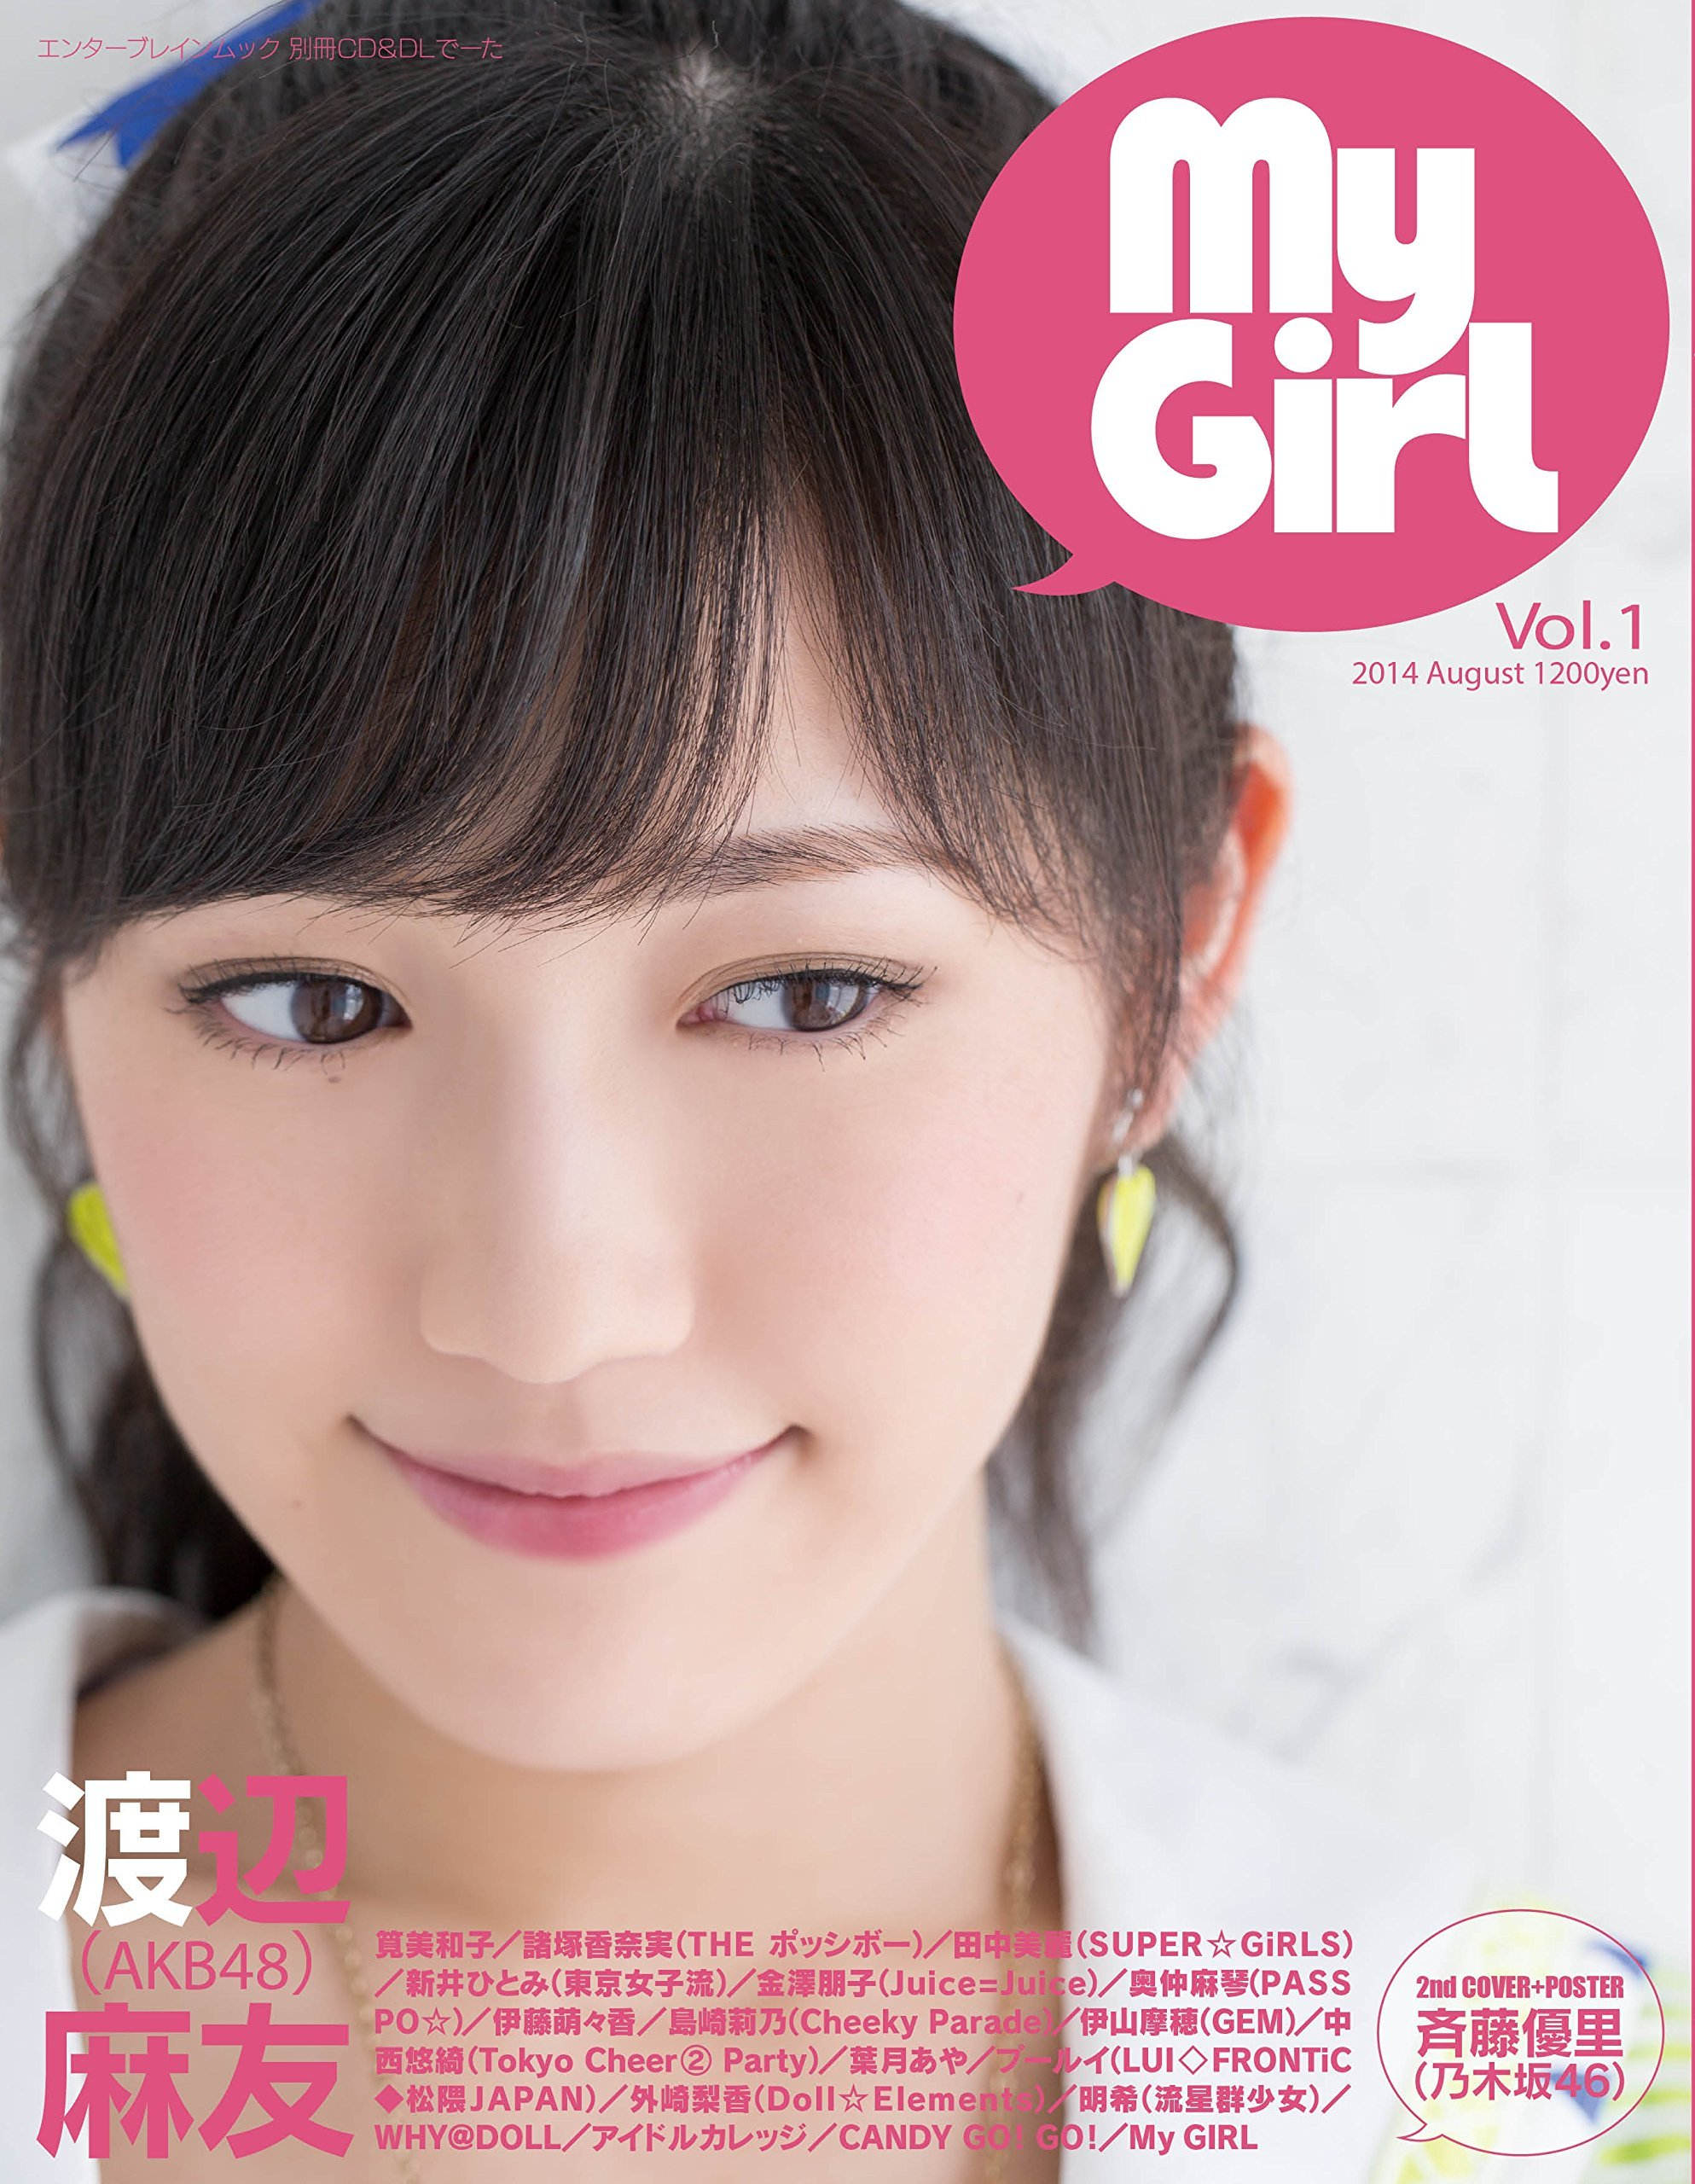 別冊CD&DLでーた My Girl vol.1 渡辺麻友 斎藤優里_